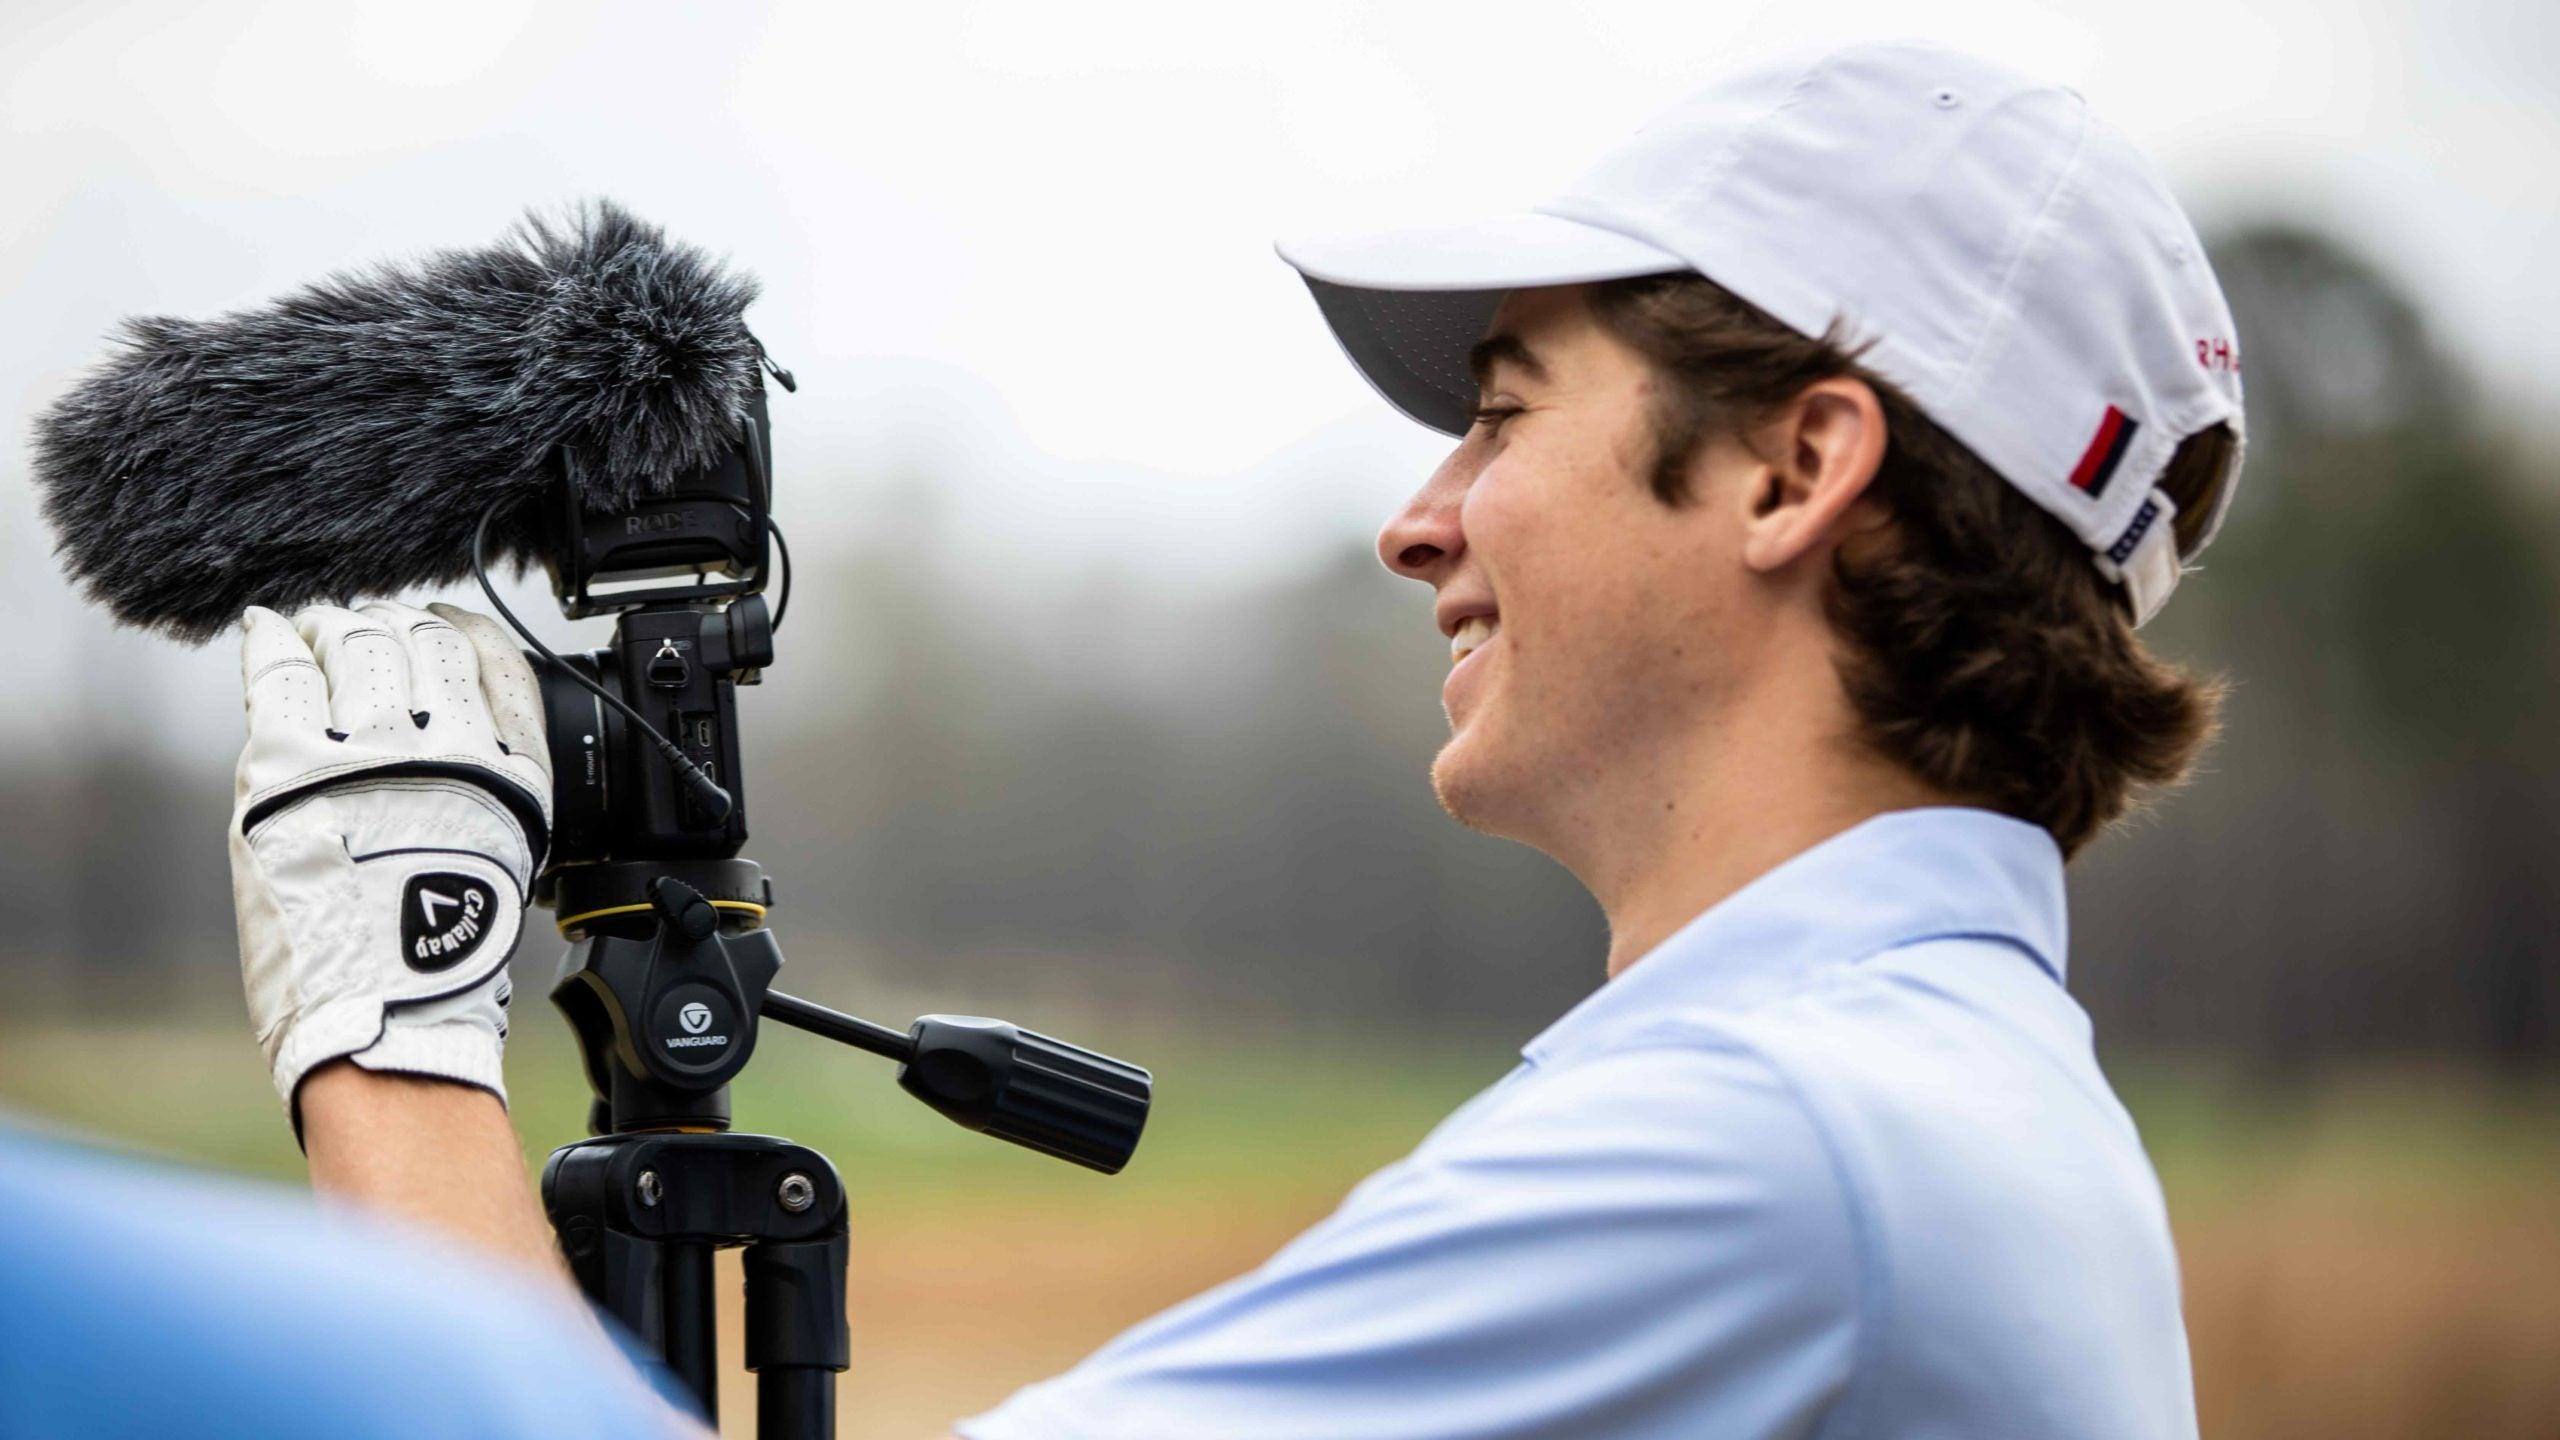 garrett clark shooting content